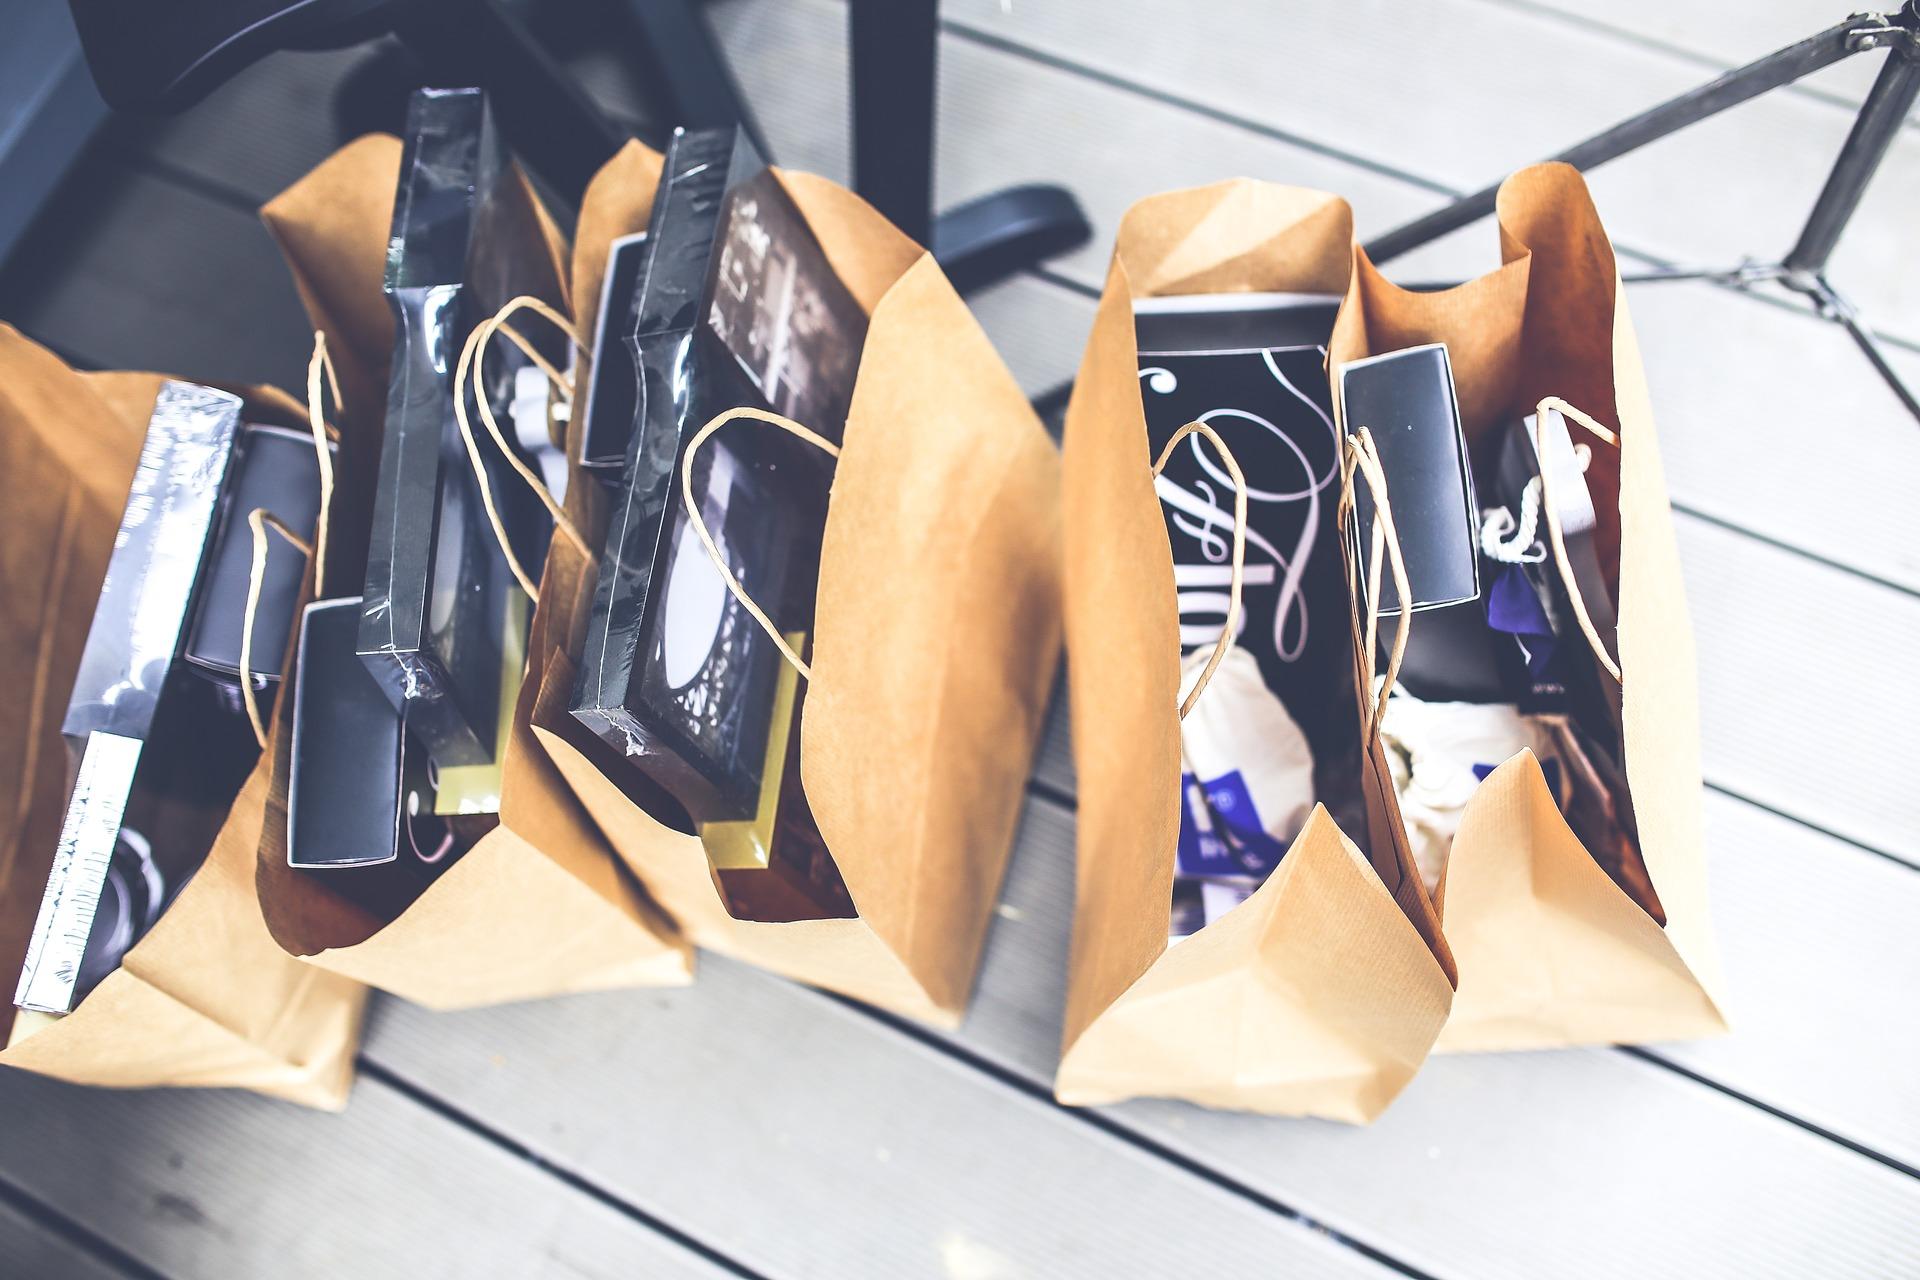 Faire une promotion abordable avec les sacs personnalisés